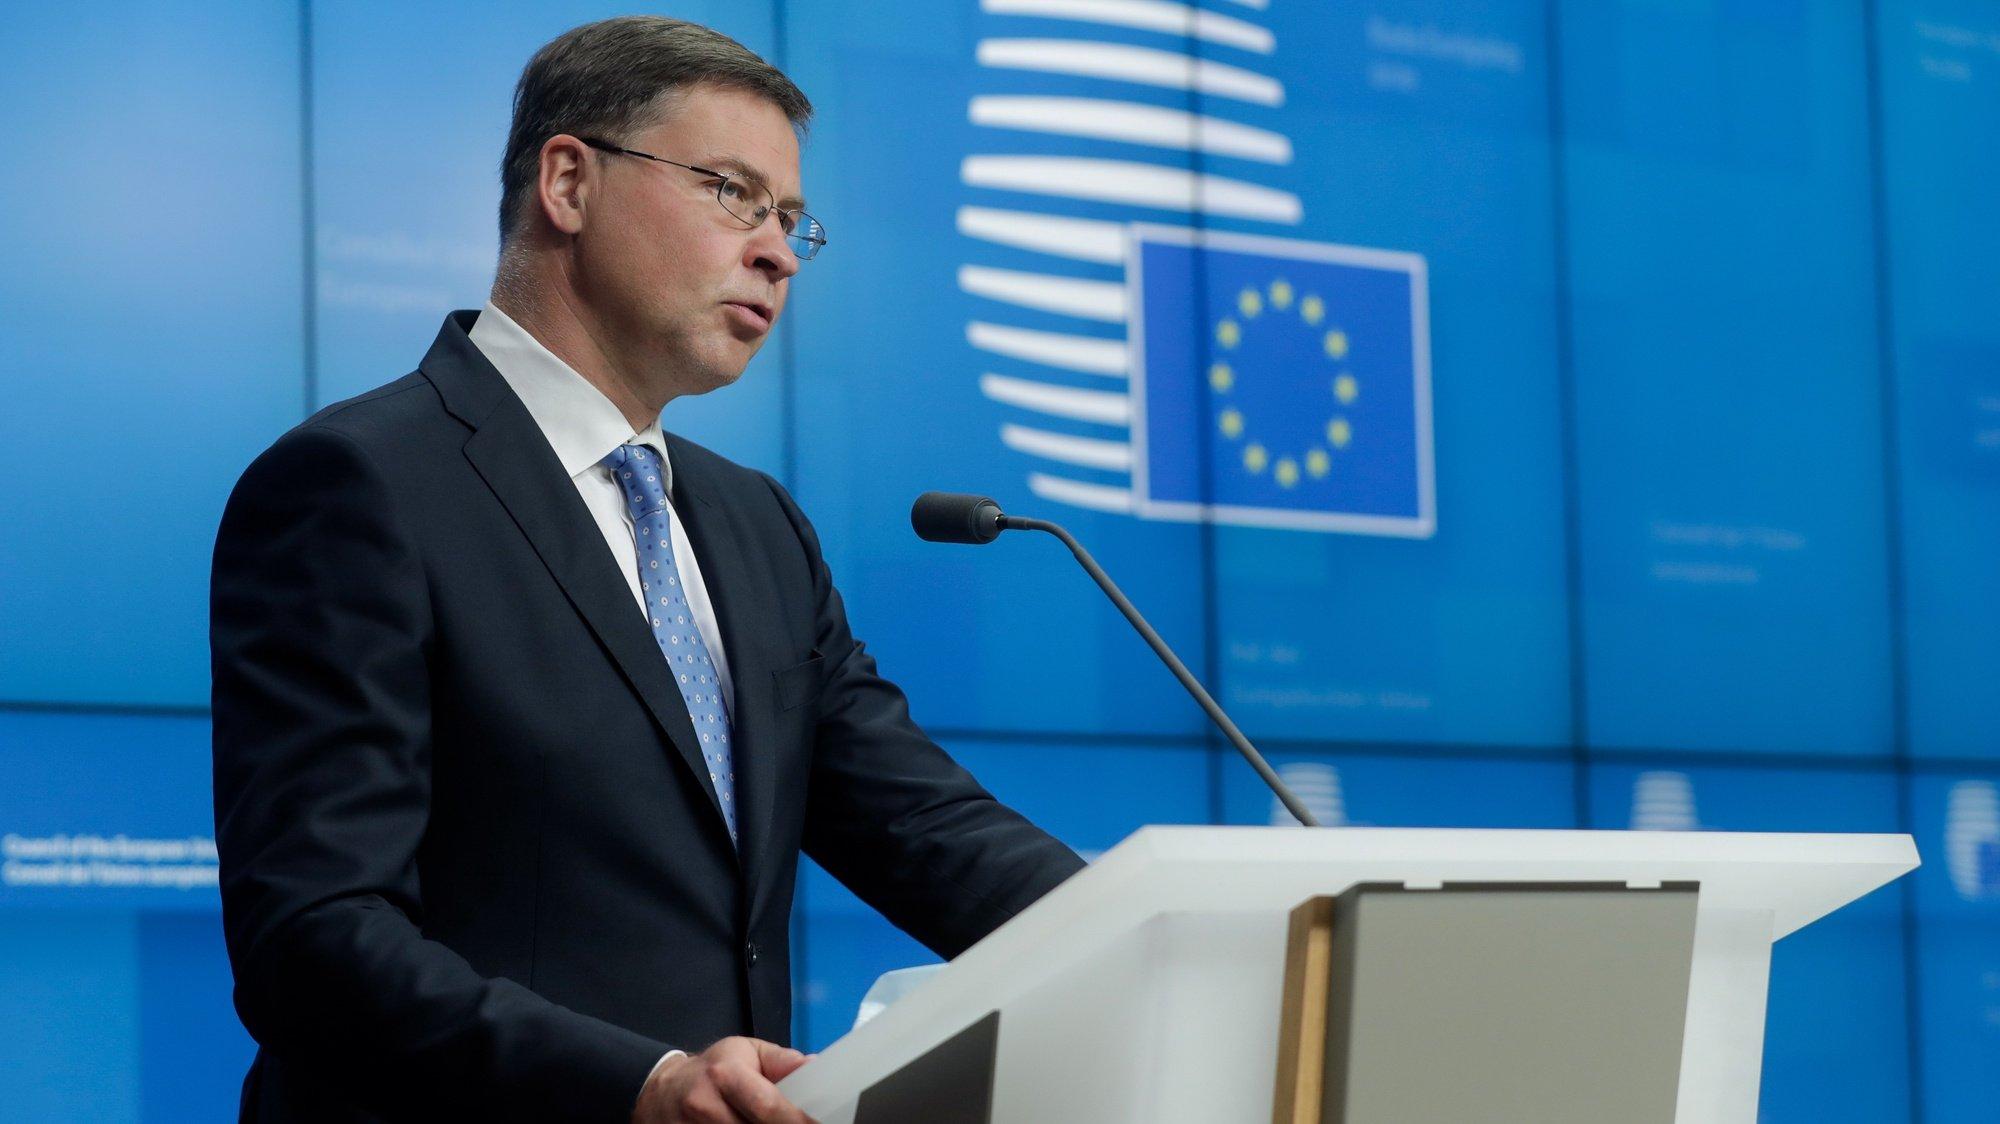 Valdis Dombrovskis, vice-presidente da comissão europeia, uma conferência de imprensa, Bruxelas, Bélgica, 13 de julho de 2021